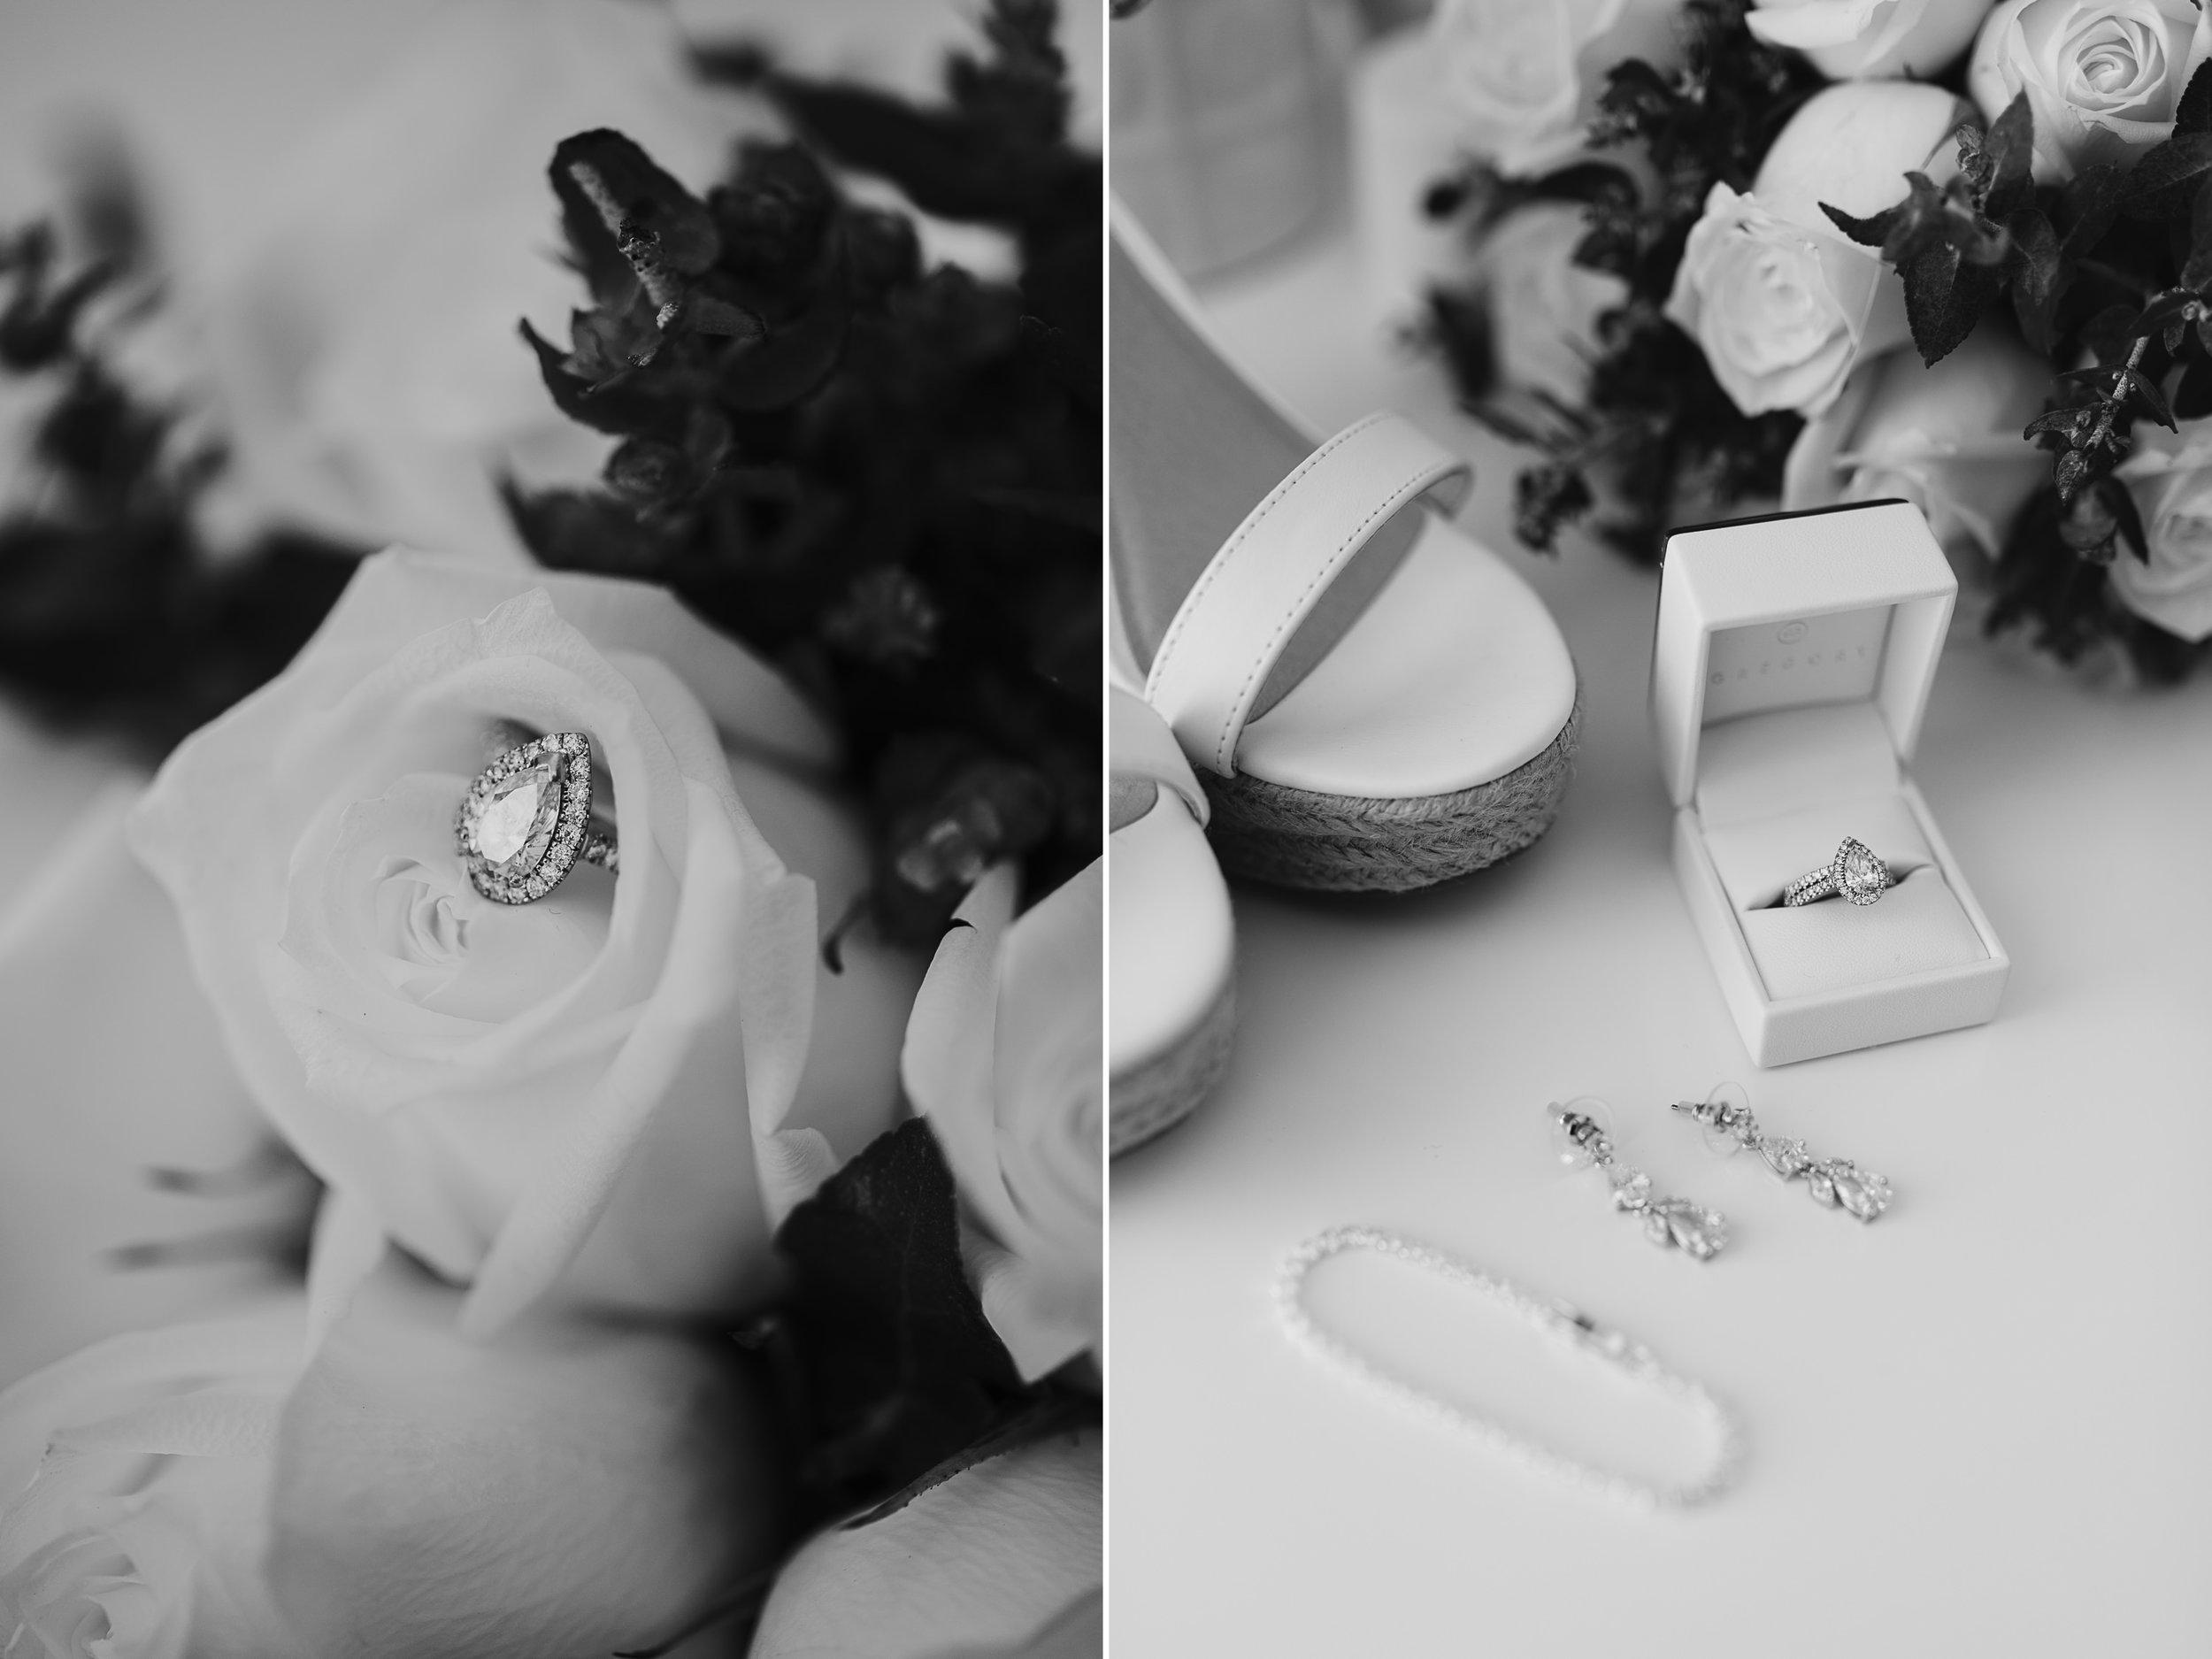 sydney-wedding-photography-bridetobe-3.jpg